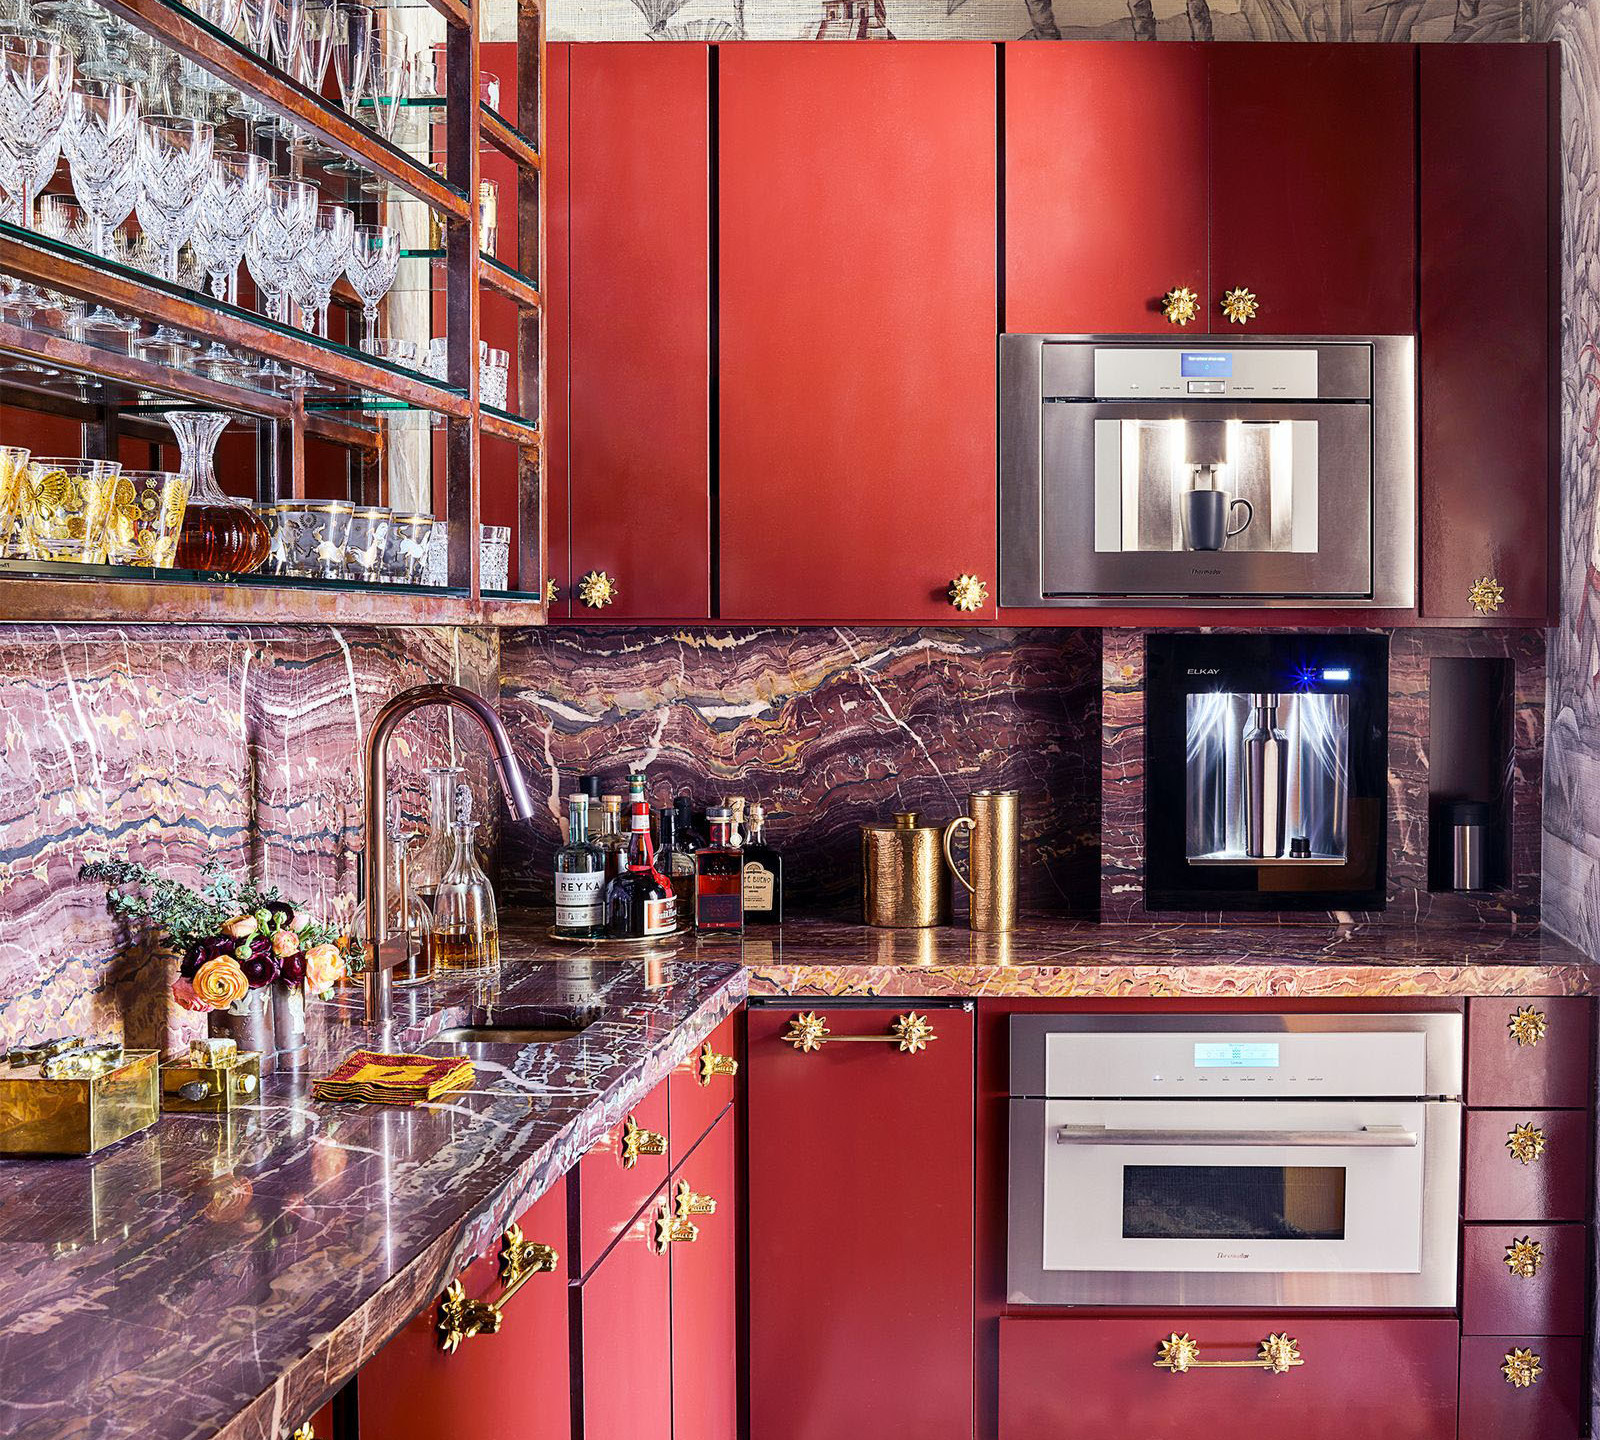 hidden_kitchen_appliances3